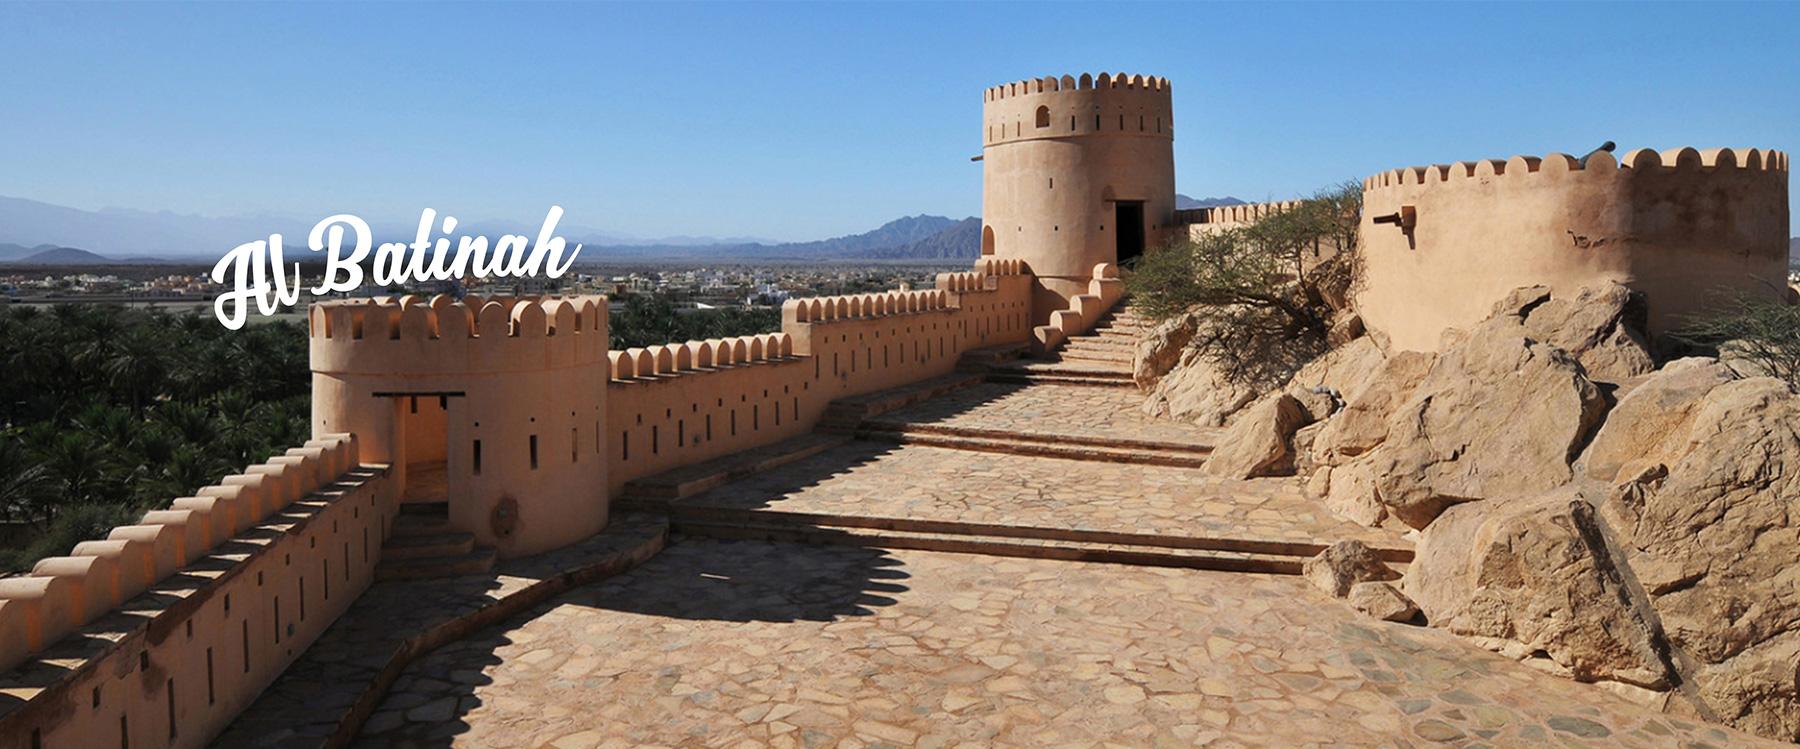 Al Batinah